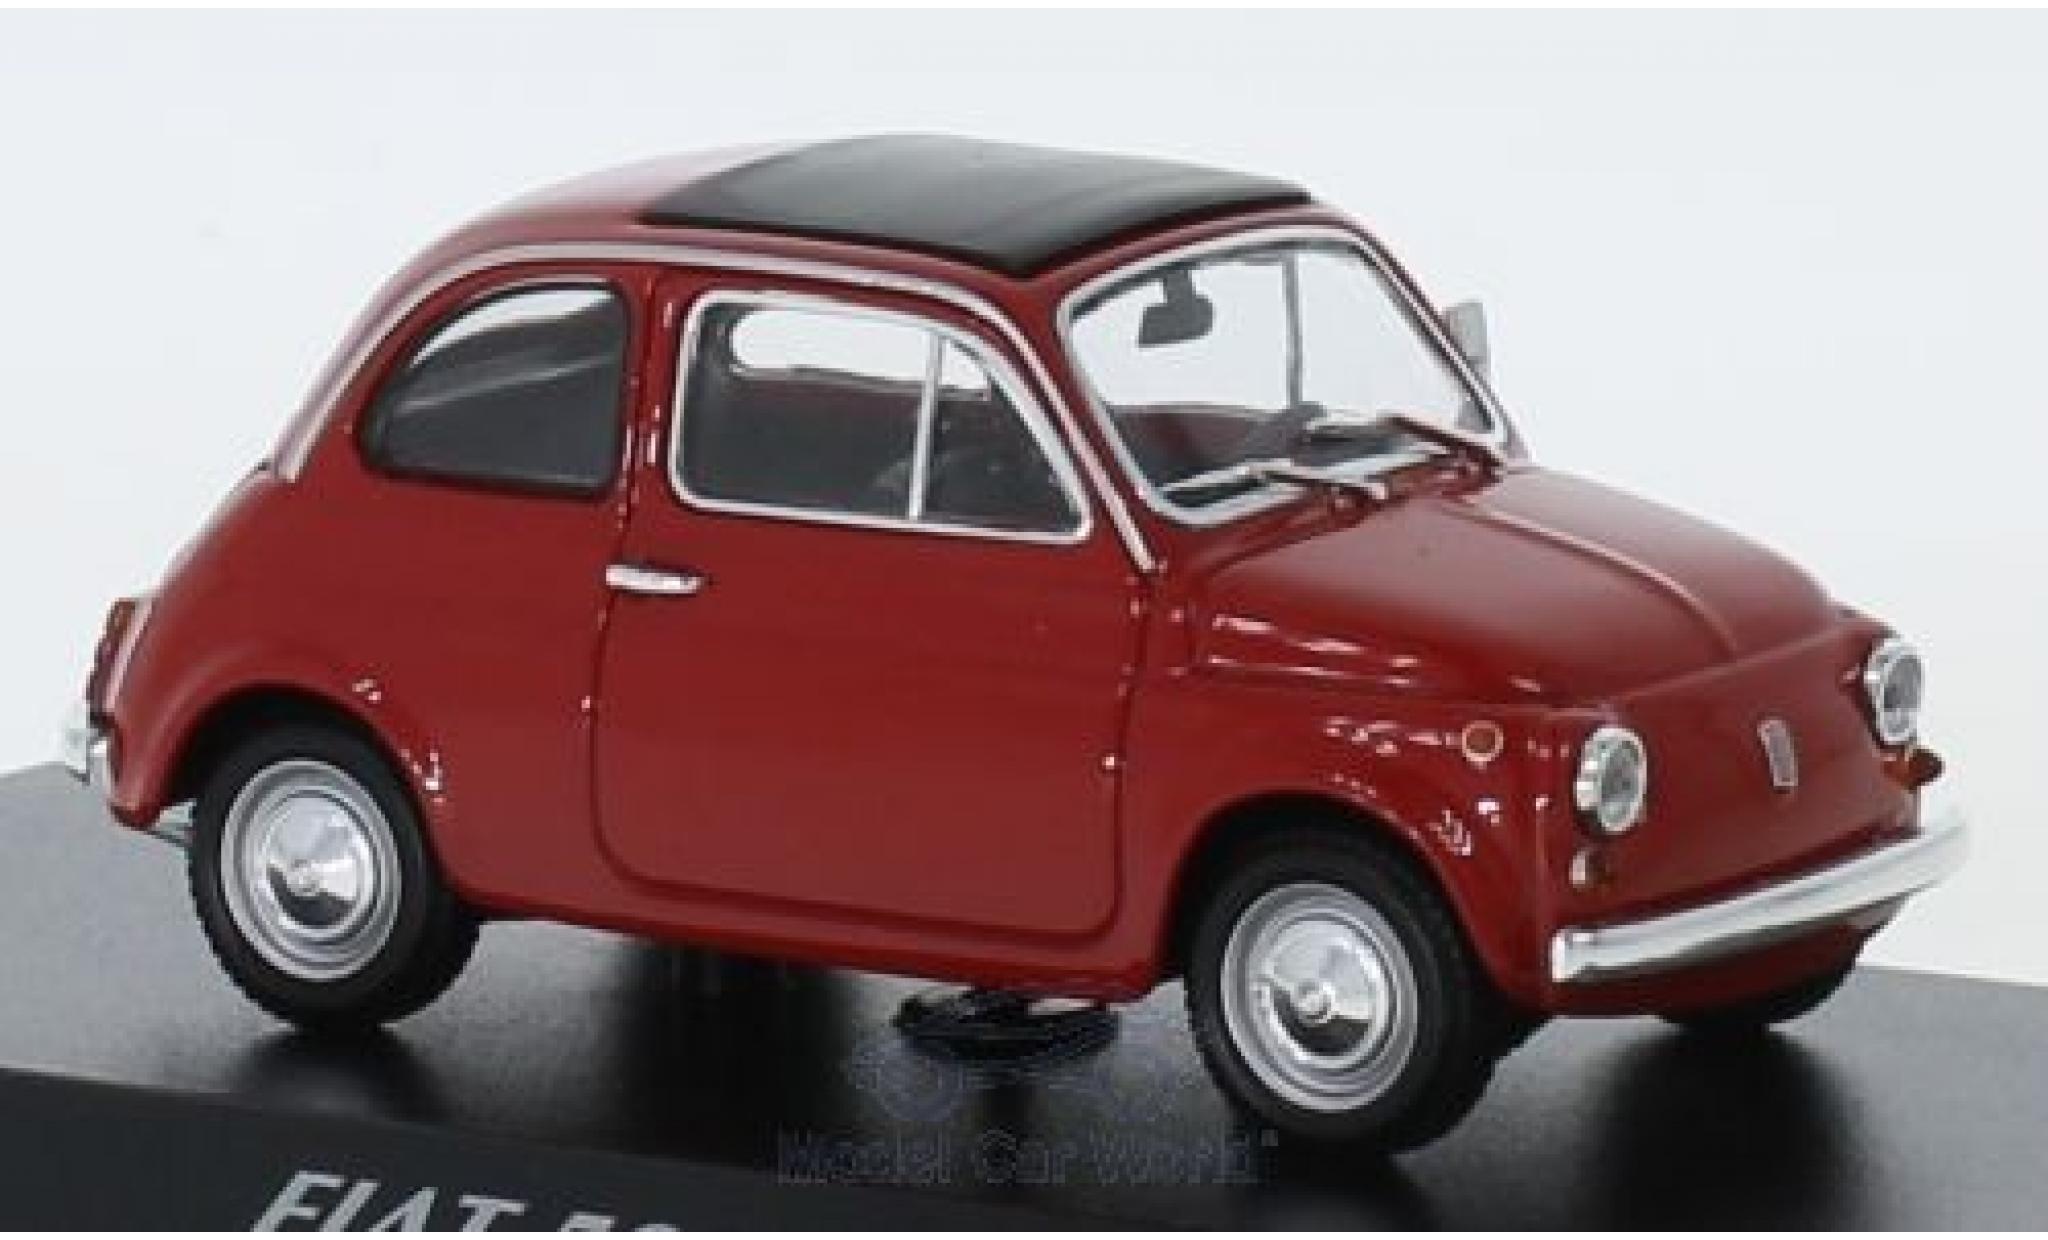 Fiat 500 1/43 Maxichamps L rouge 1965